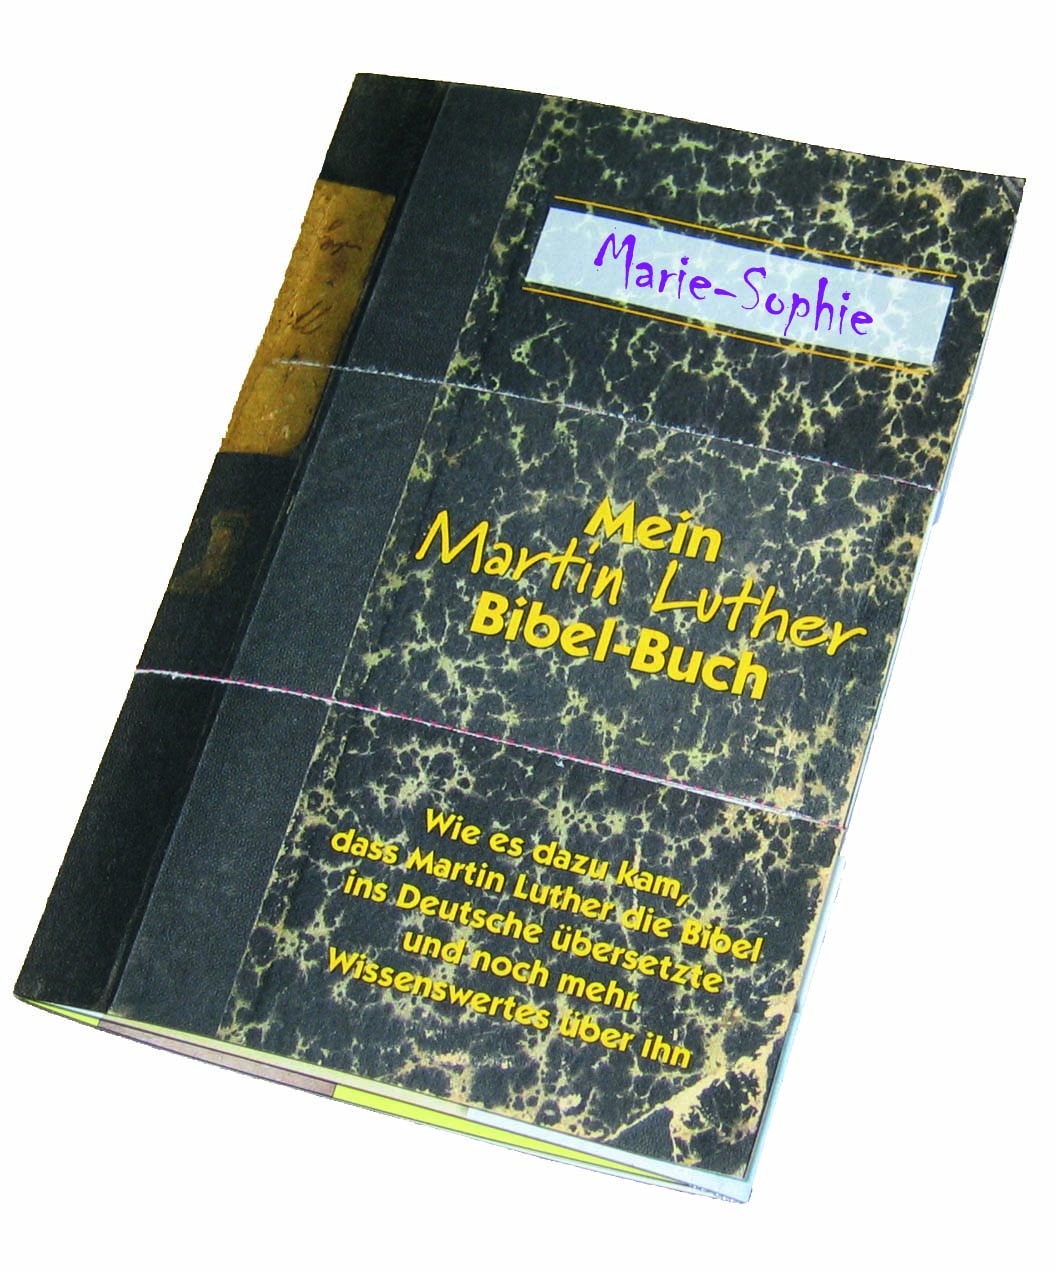 Mein Martin-Luther-Bibel-Buch